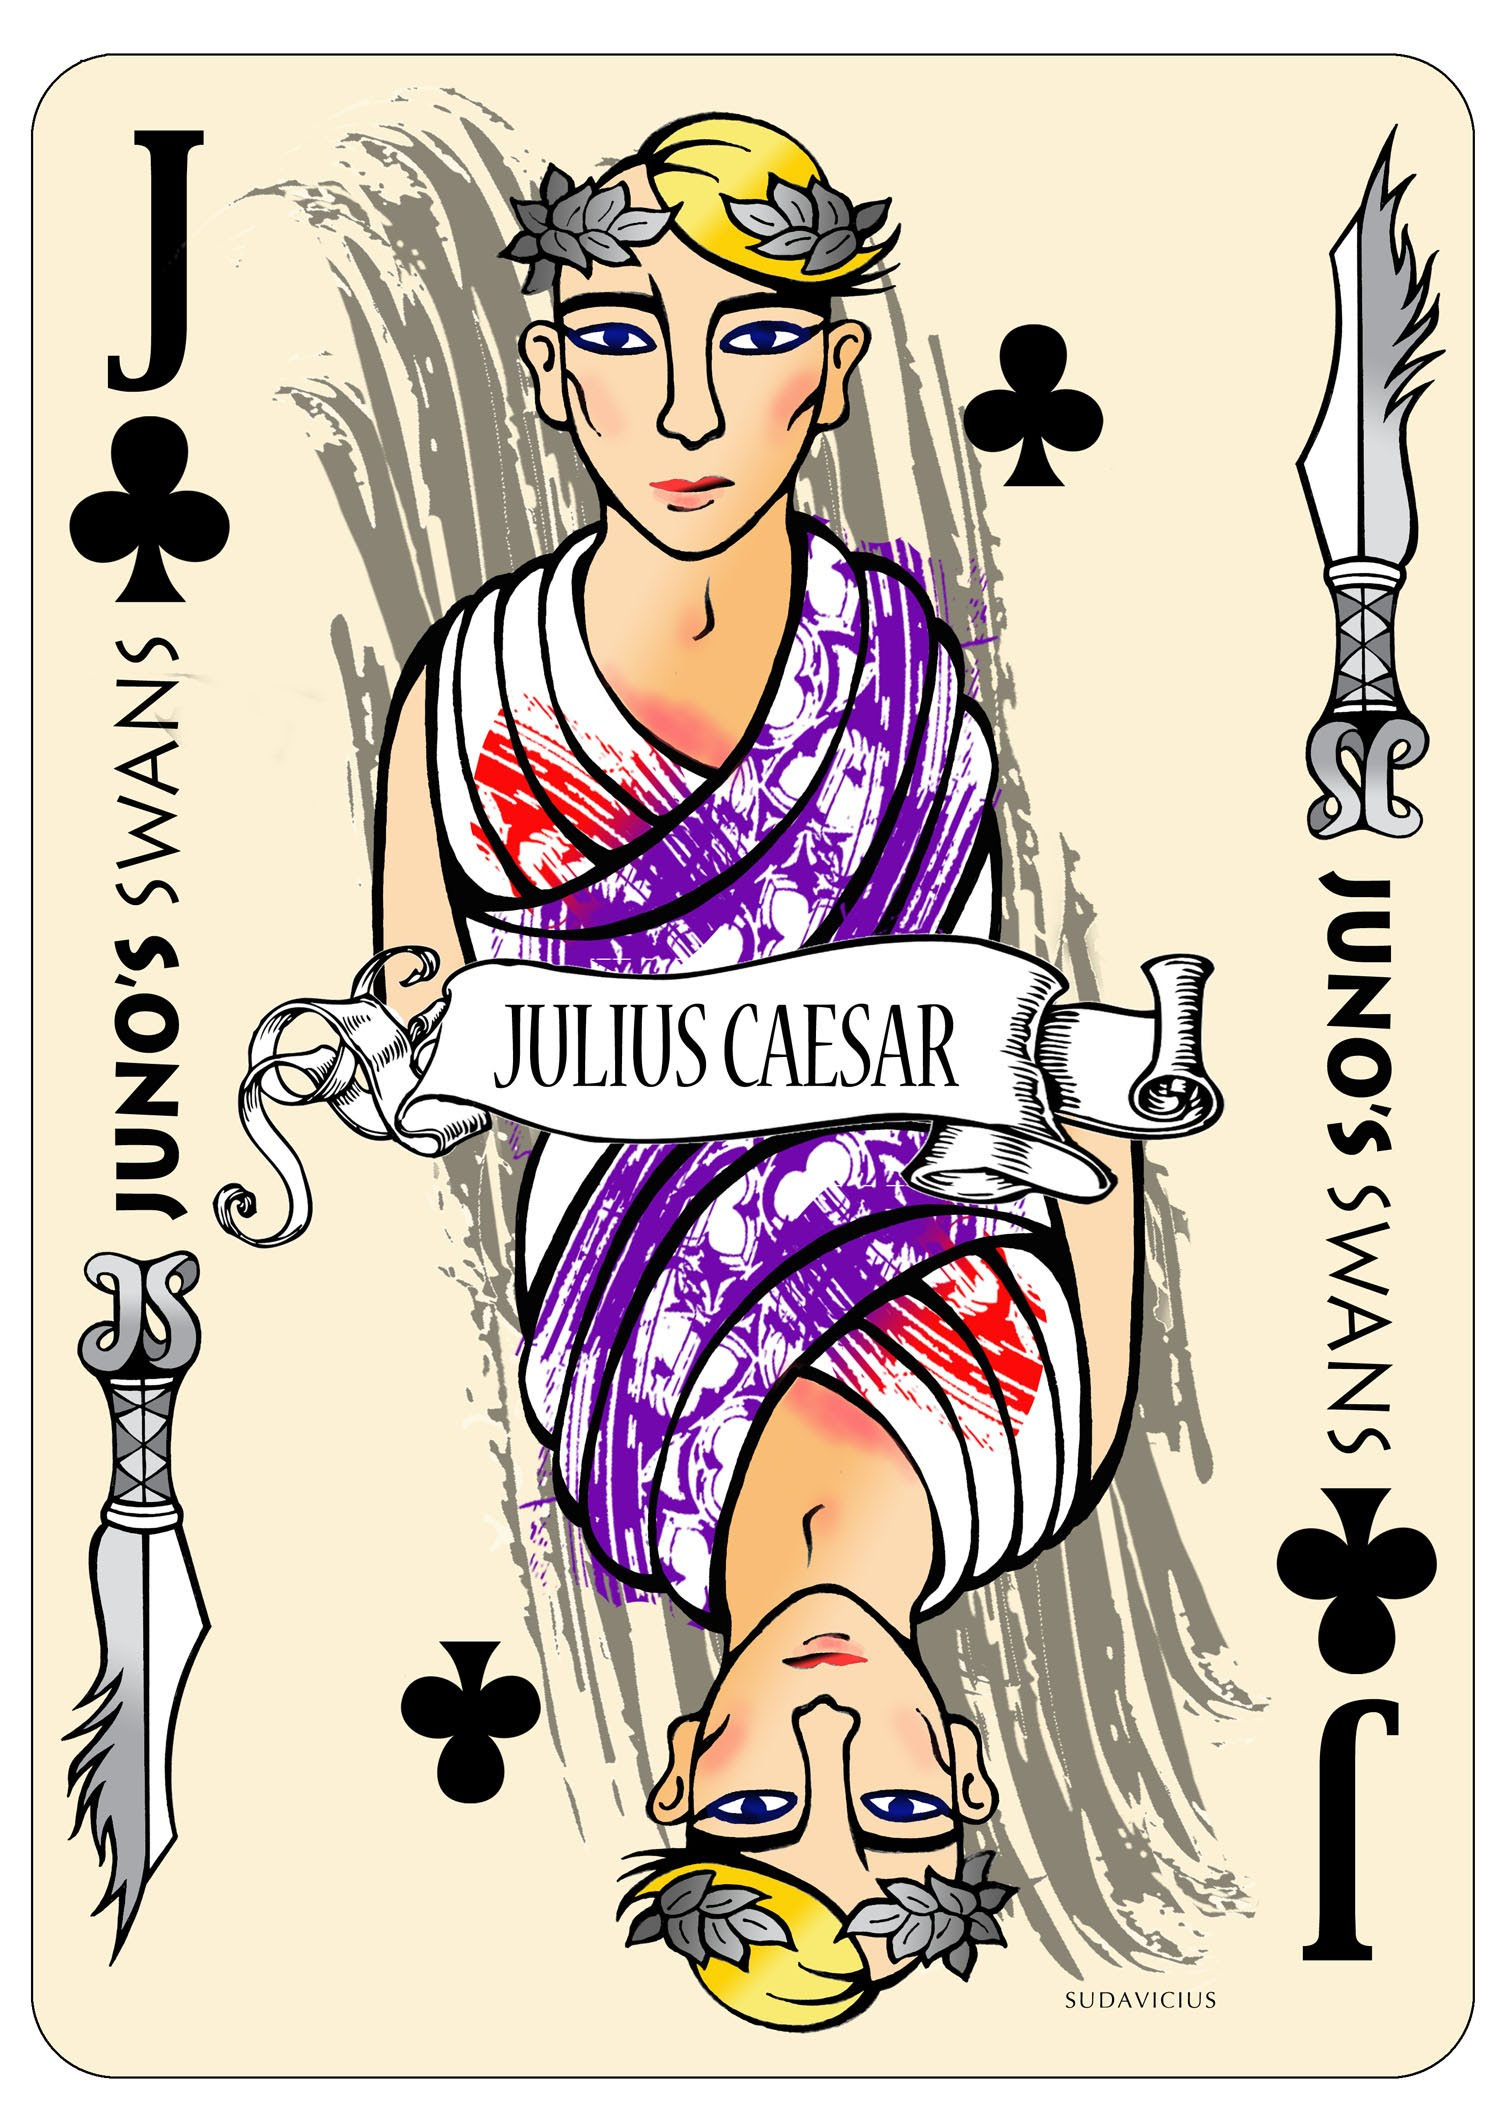 Calpurnia julius caesar clipart clip art royalty free download 2018 JUNO\'S SWANS: JULIUS CAESAR - Nebraska Shakespeare clip art royalty free download